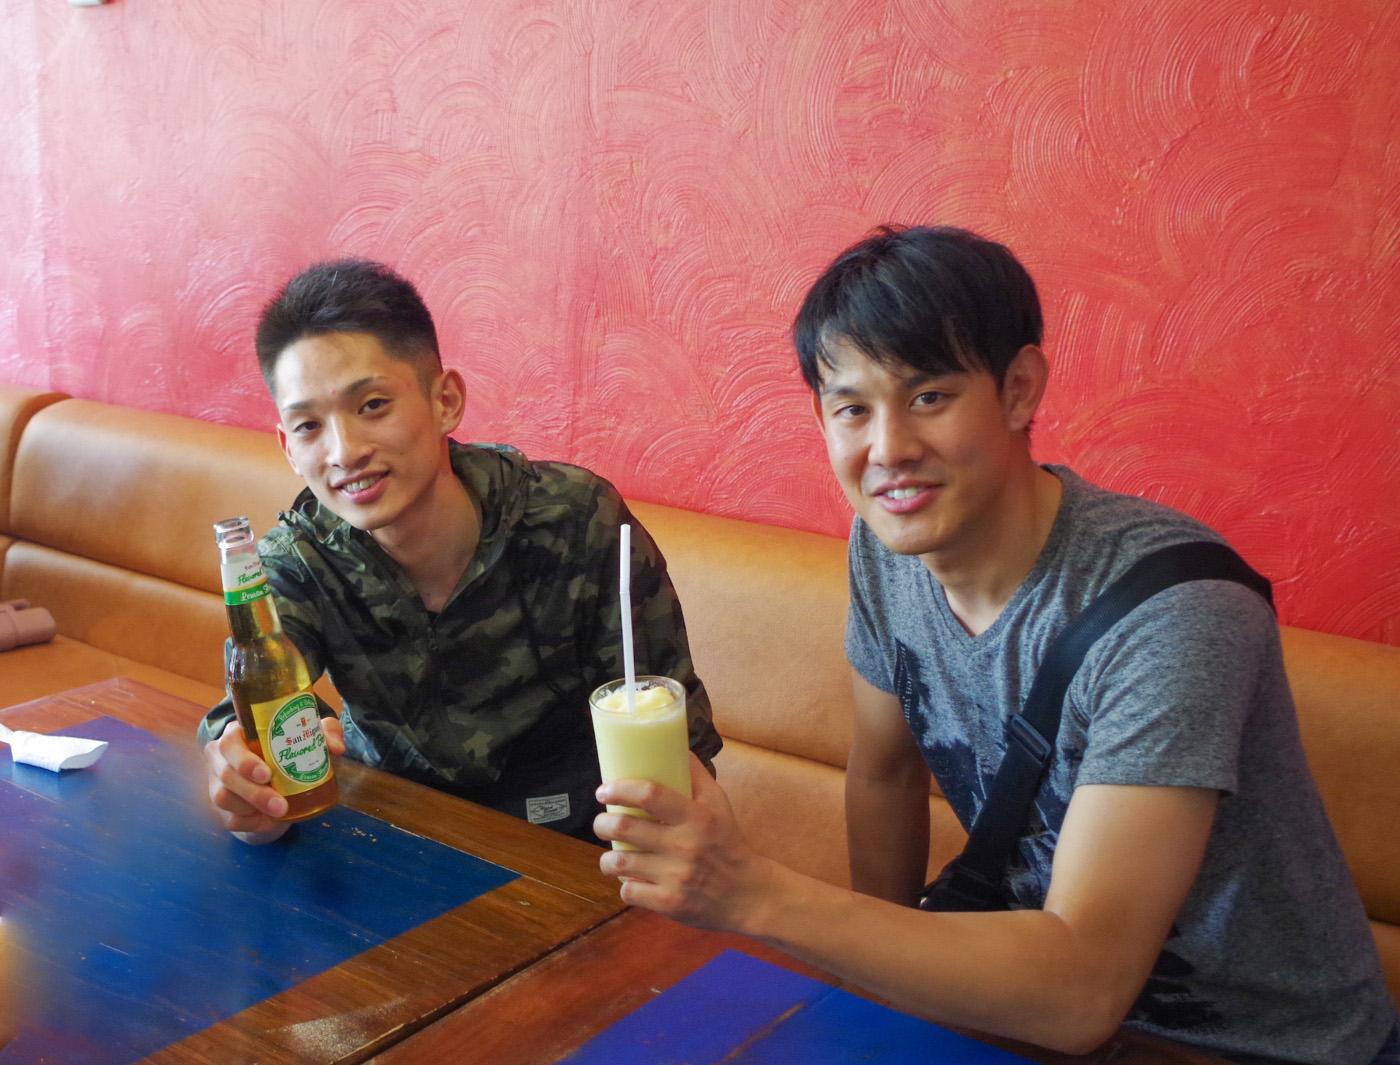 ビールを持つ男性とマンゴーシェイクを持つ男性